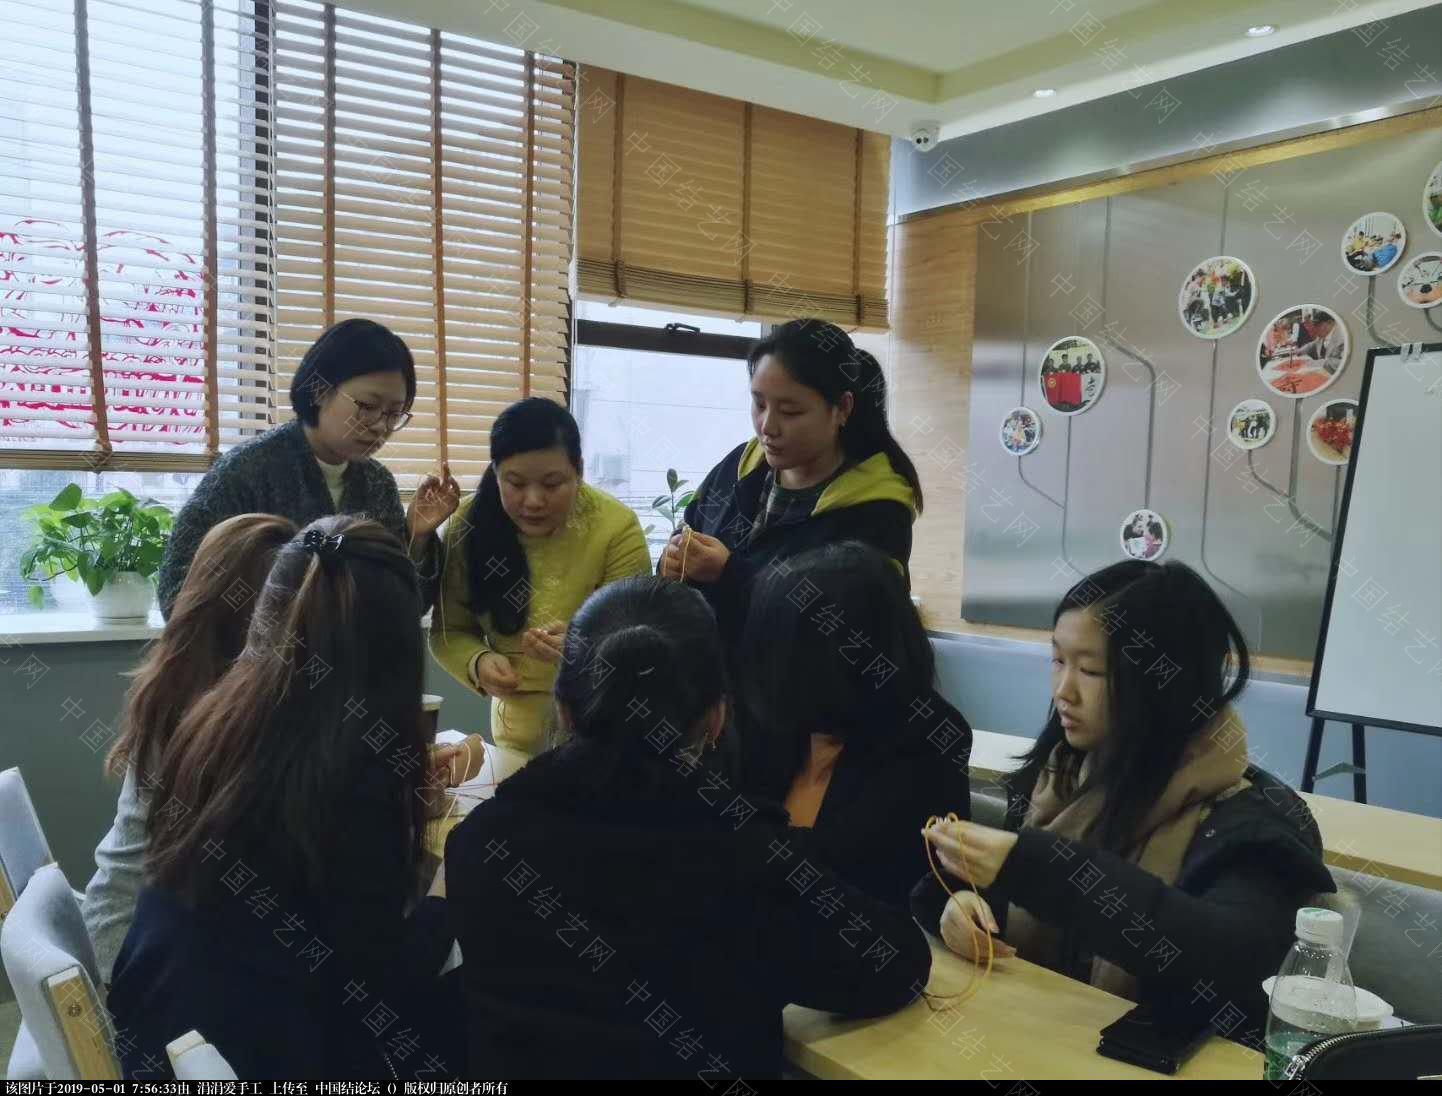 中国结论坛 年轻朝气的大学生们,来自各国,齐聚上海青编舍学习中国传统文化·中国结 年轻,朝气,大学,大学生,学生 结艺网各地联谊会 075036culn4rqk8b6k8ot4